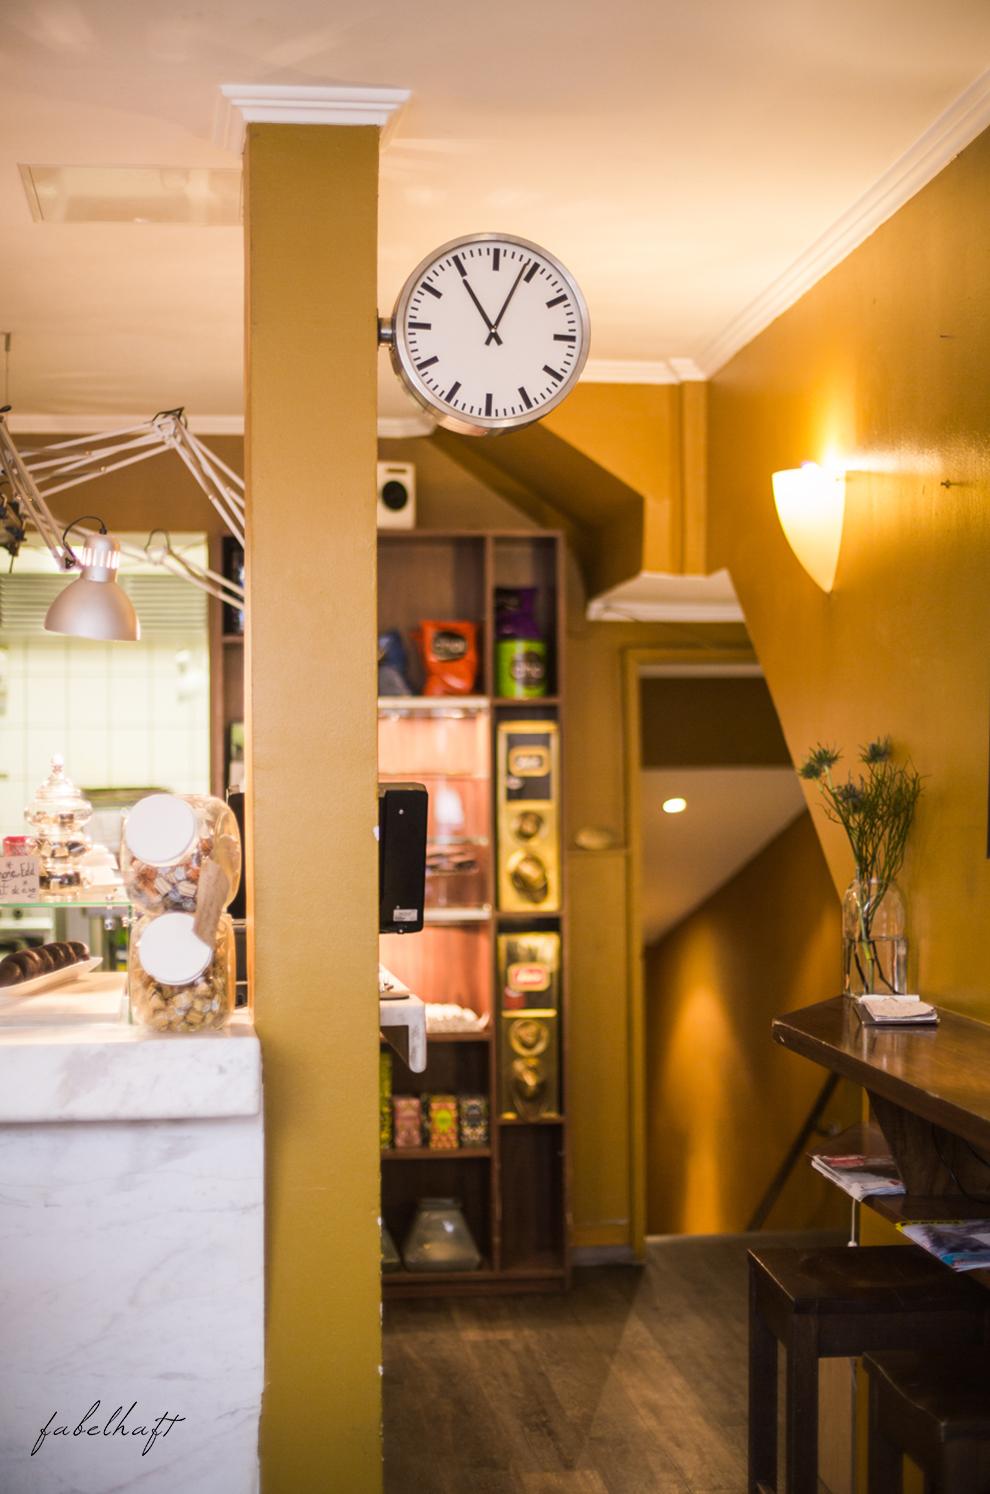 MotMot Jewellery fein und fabelhaft blog blogger café blond shooting brunch frühstück lifestyle outfit fashion 10